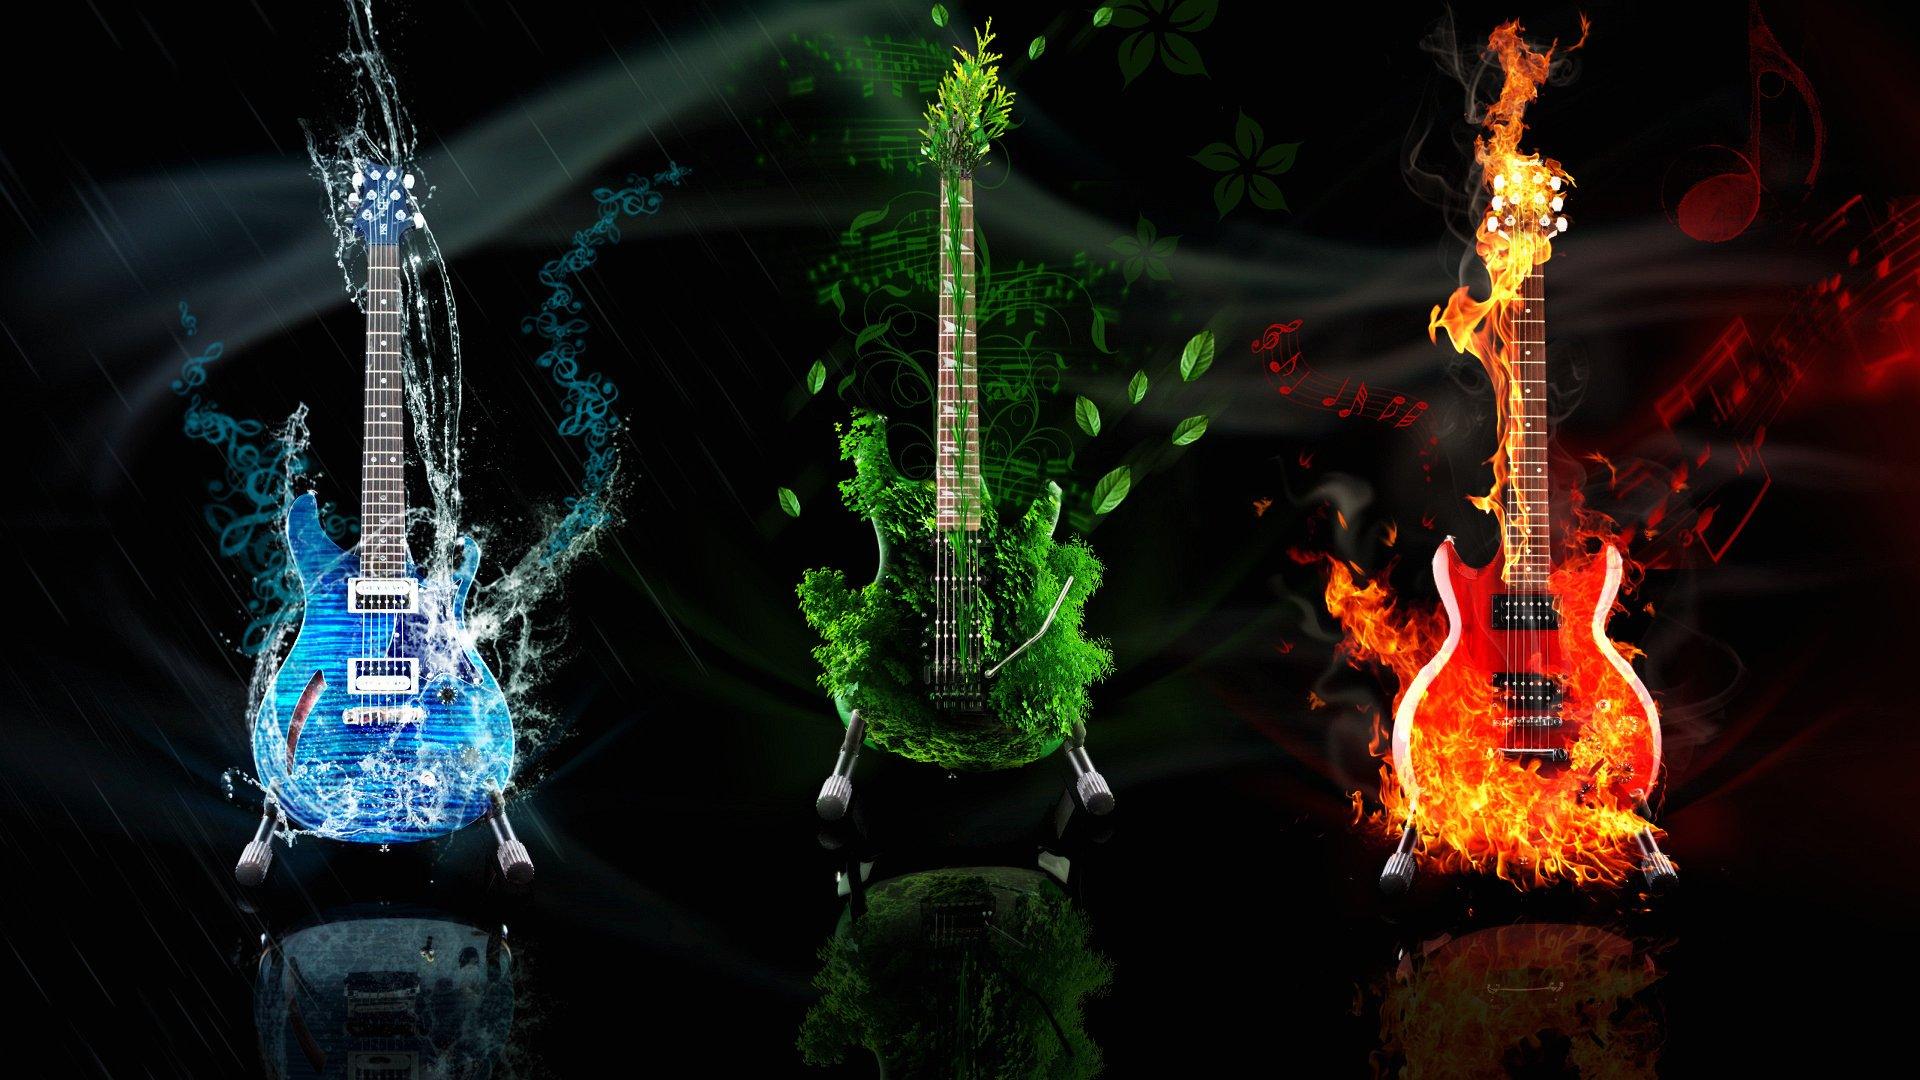 Flaming guitars wallpaper   1259071 1920x1080